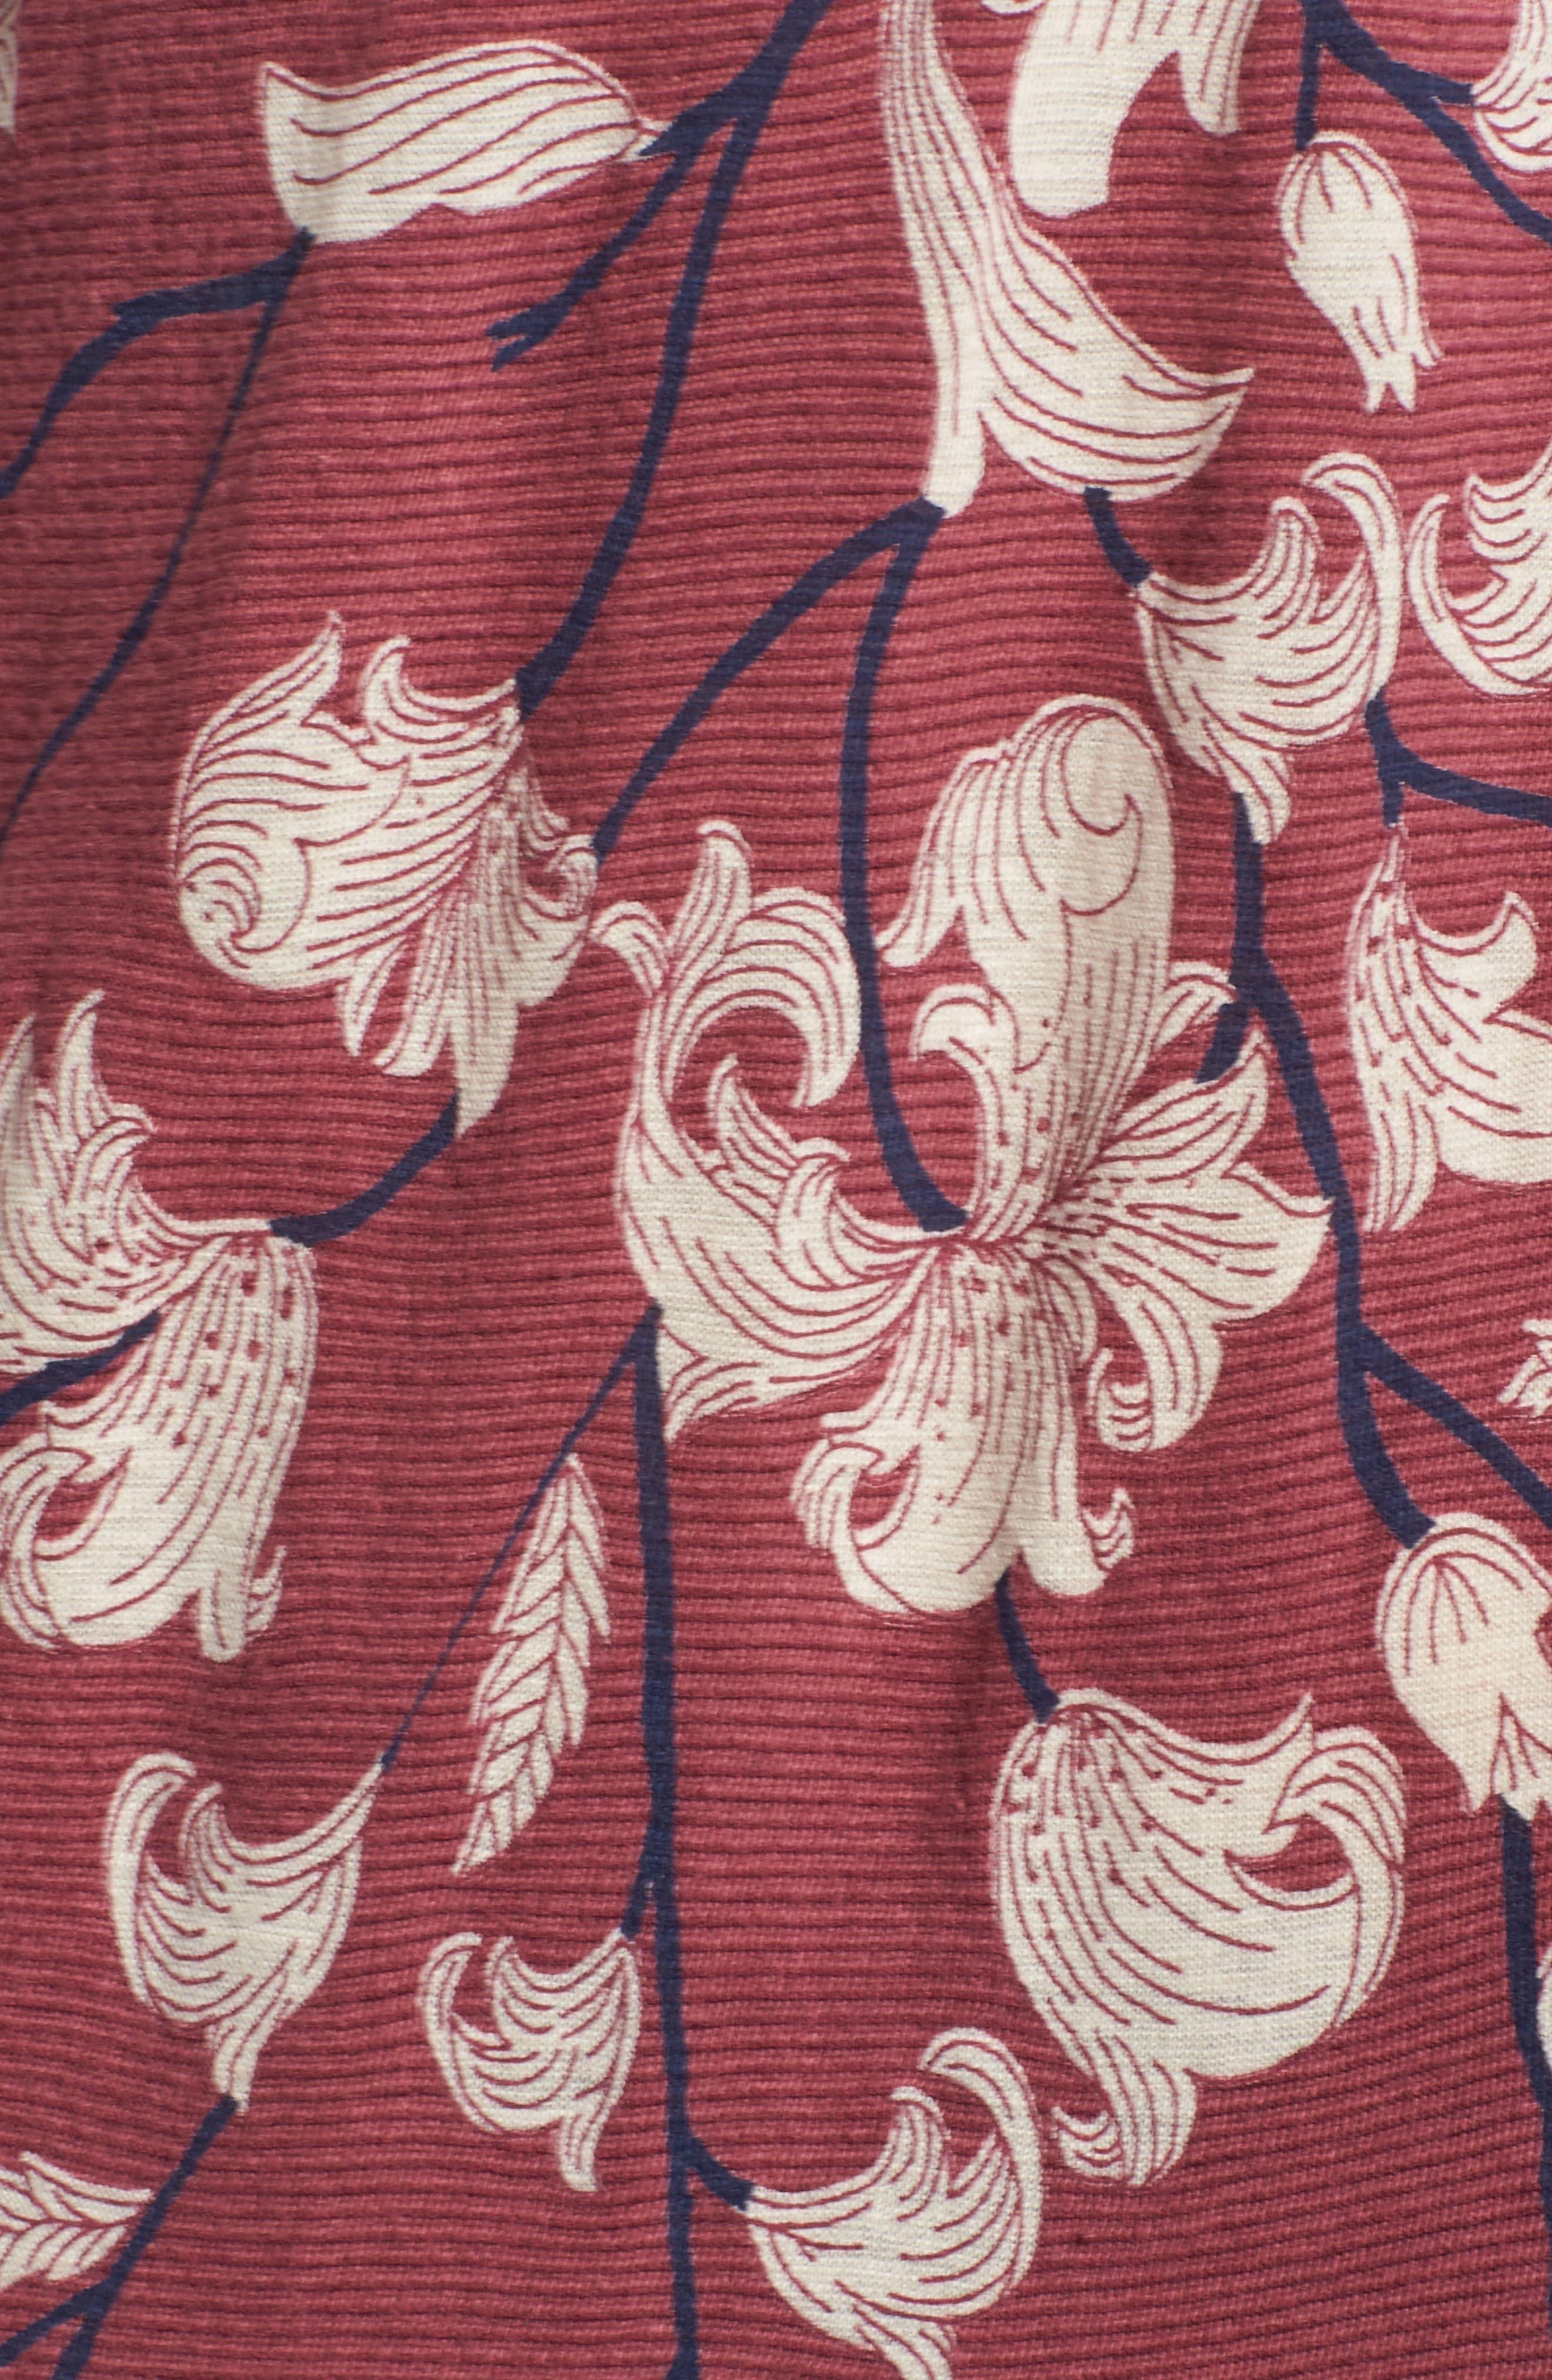 Lace Inset Print Top,                             Alternate thumbnail 5, color,                             Blush Multi